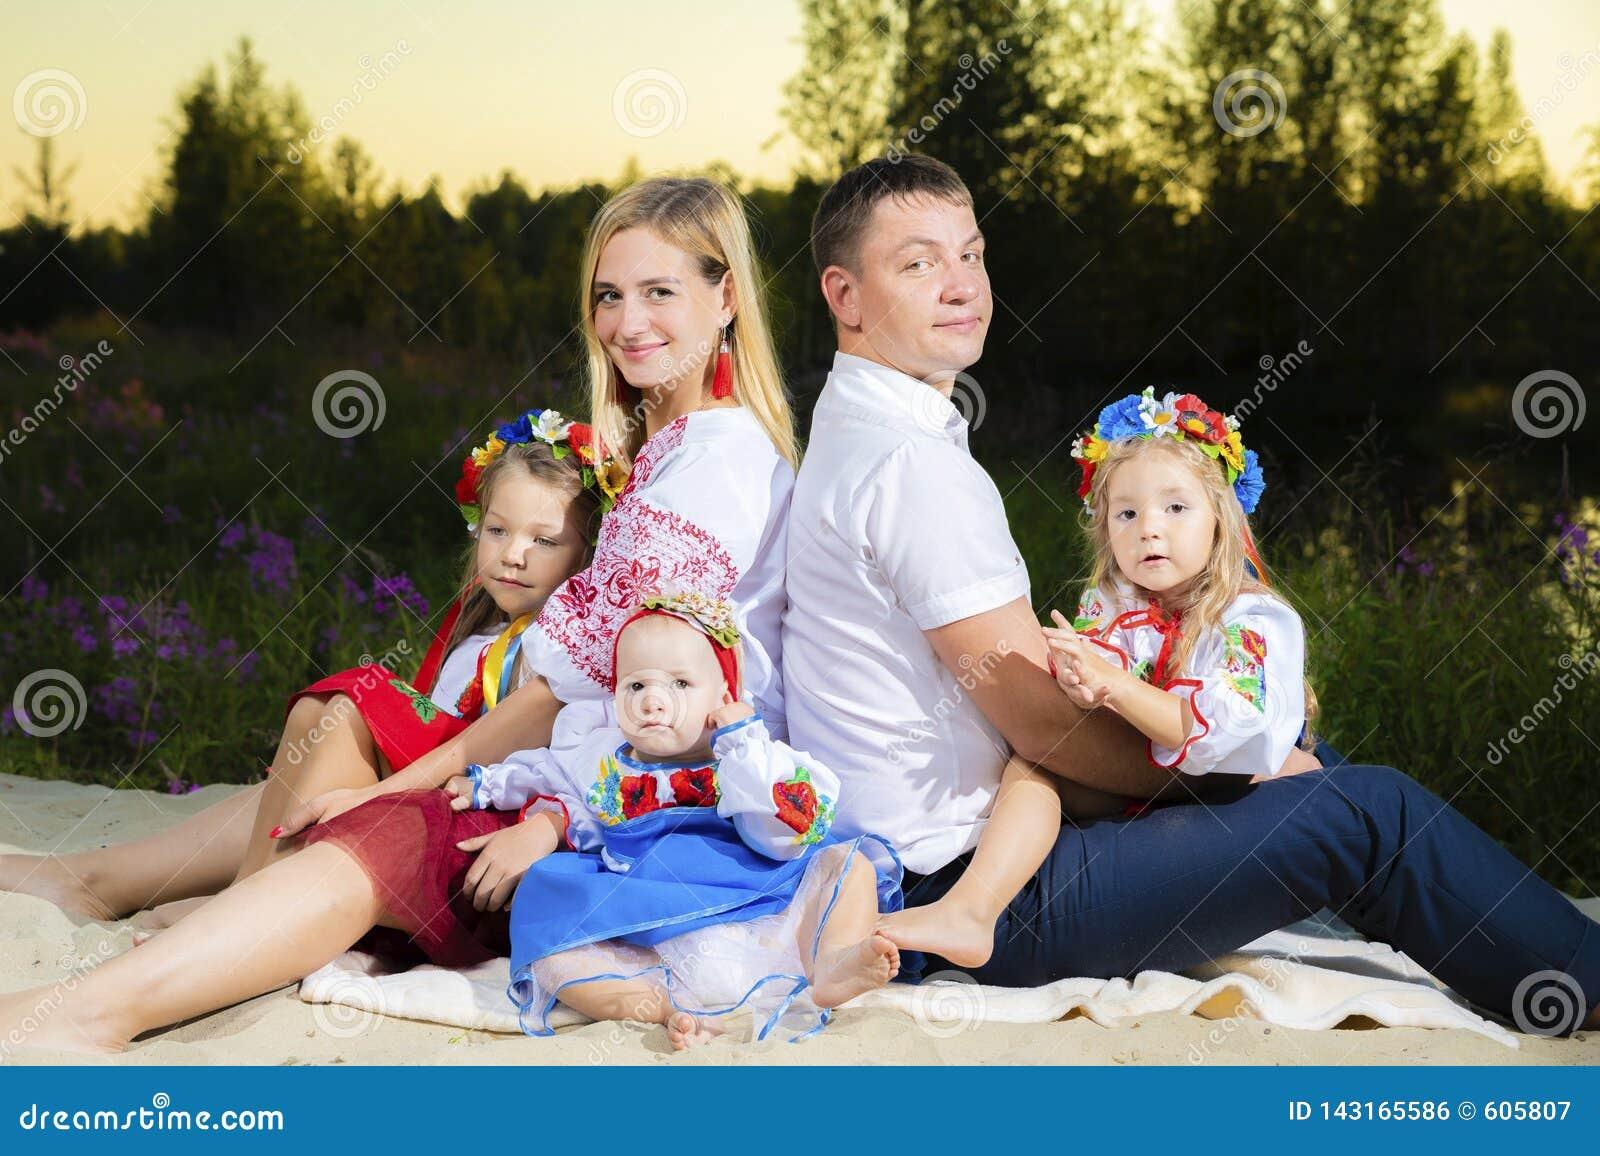 Duża rodzina w etnicznych Ukraińskich kostiumach siedzi na łące pojęcie duża rodzina